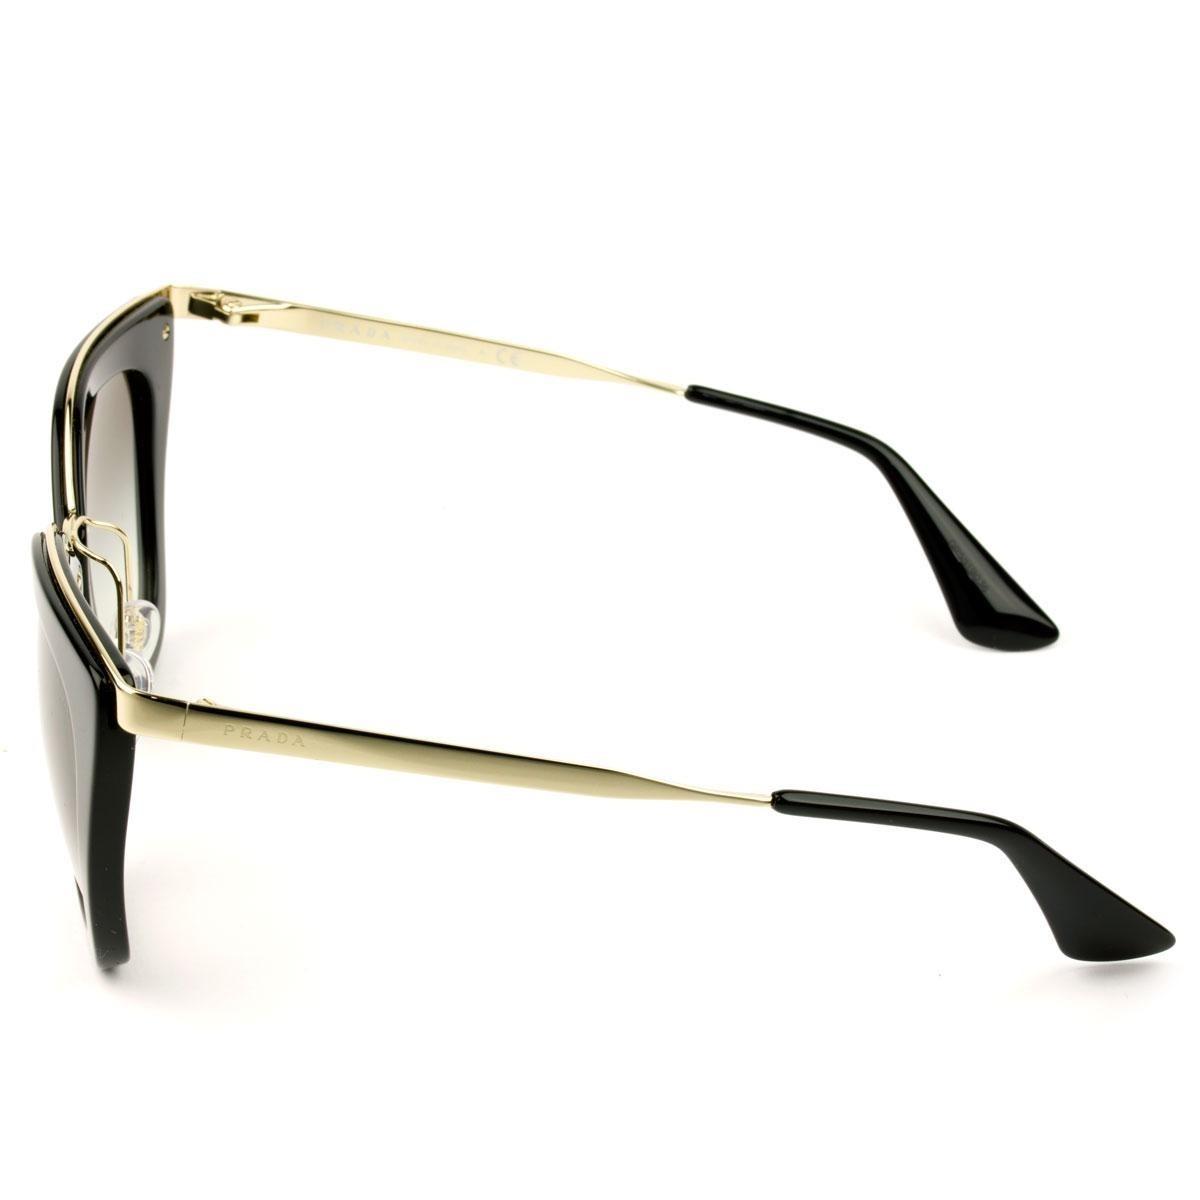 7623f0dbf óculos prada cinema spr 53s 1ab-0a7 52 - nota fiscal. Carregando zoom.